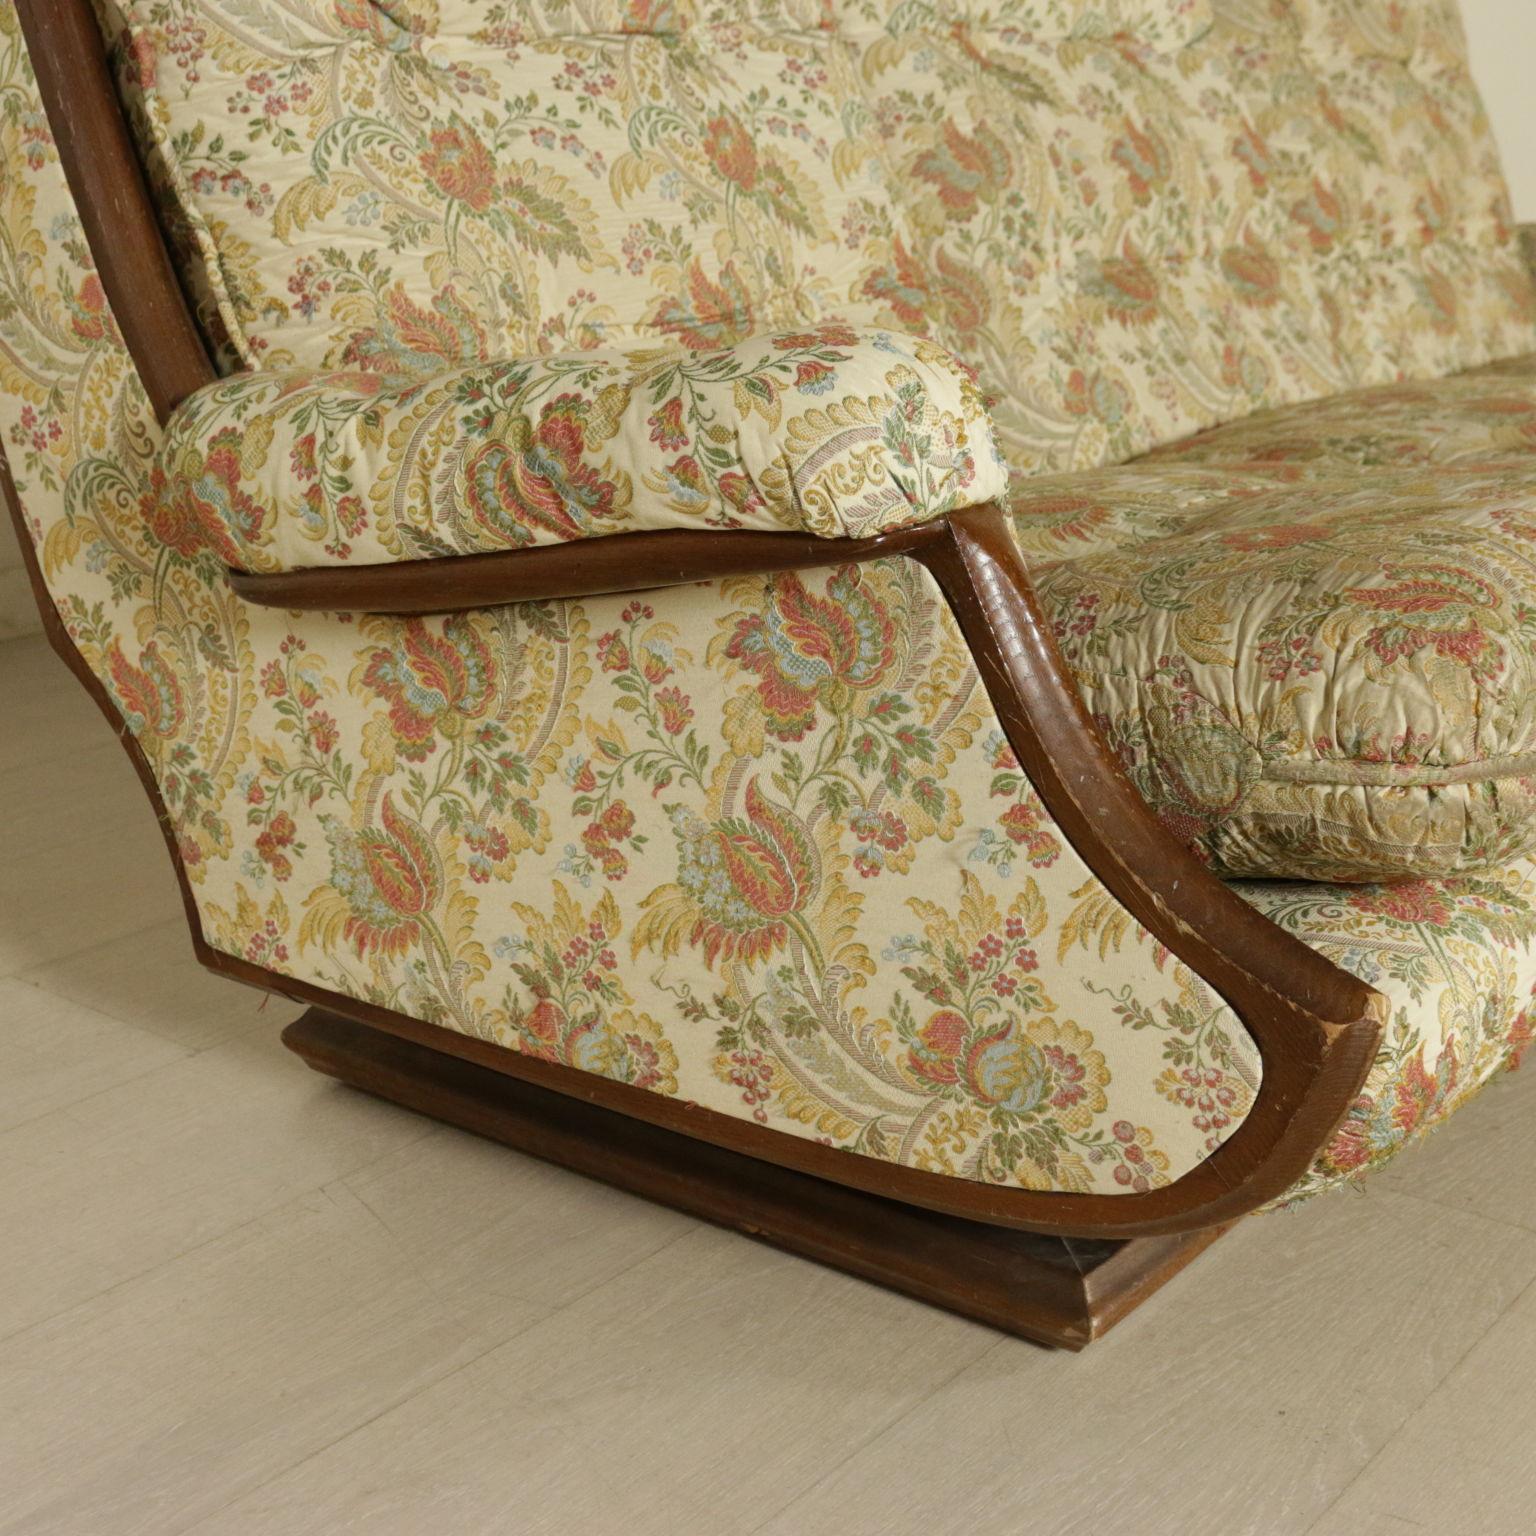 Divano anni 39 60 39 70 espanso tessuto legno tinto noce - Divano profondita 70 ...